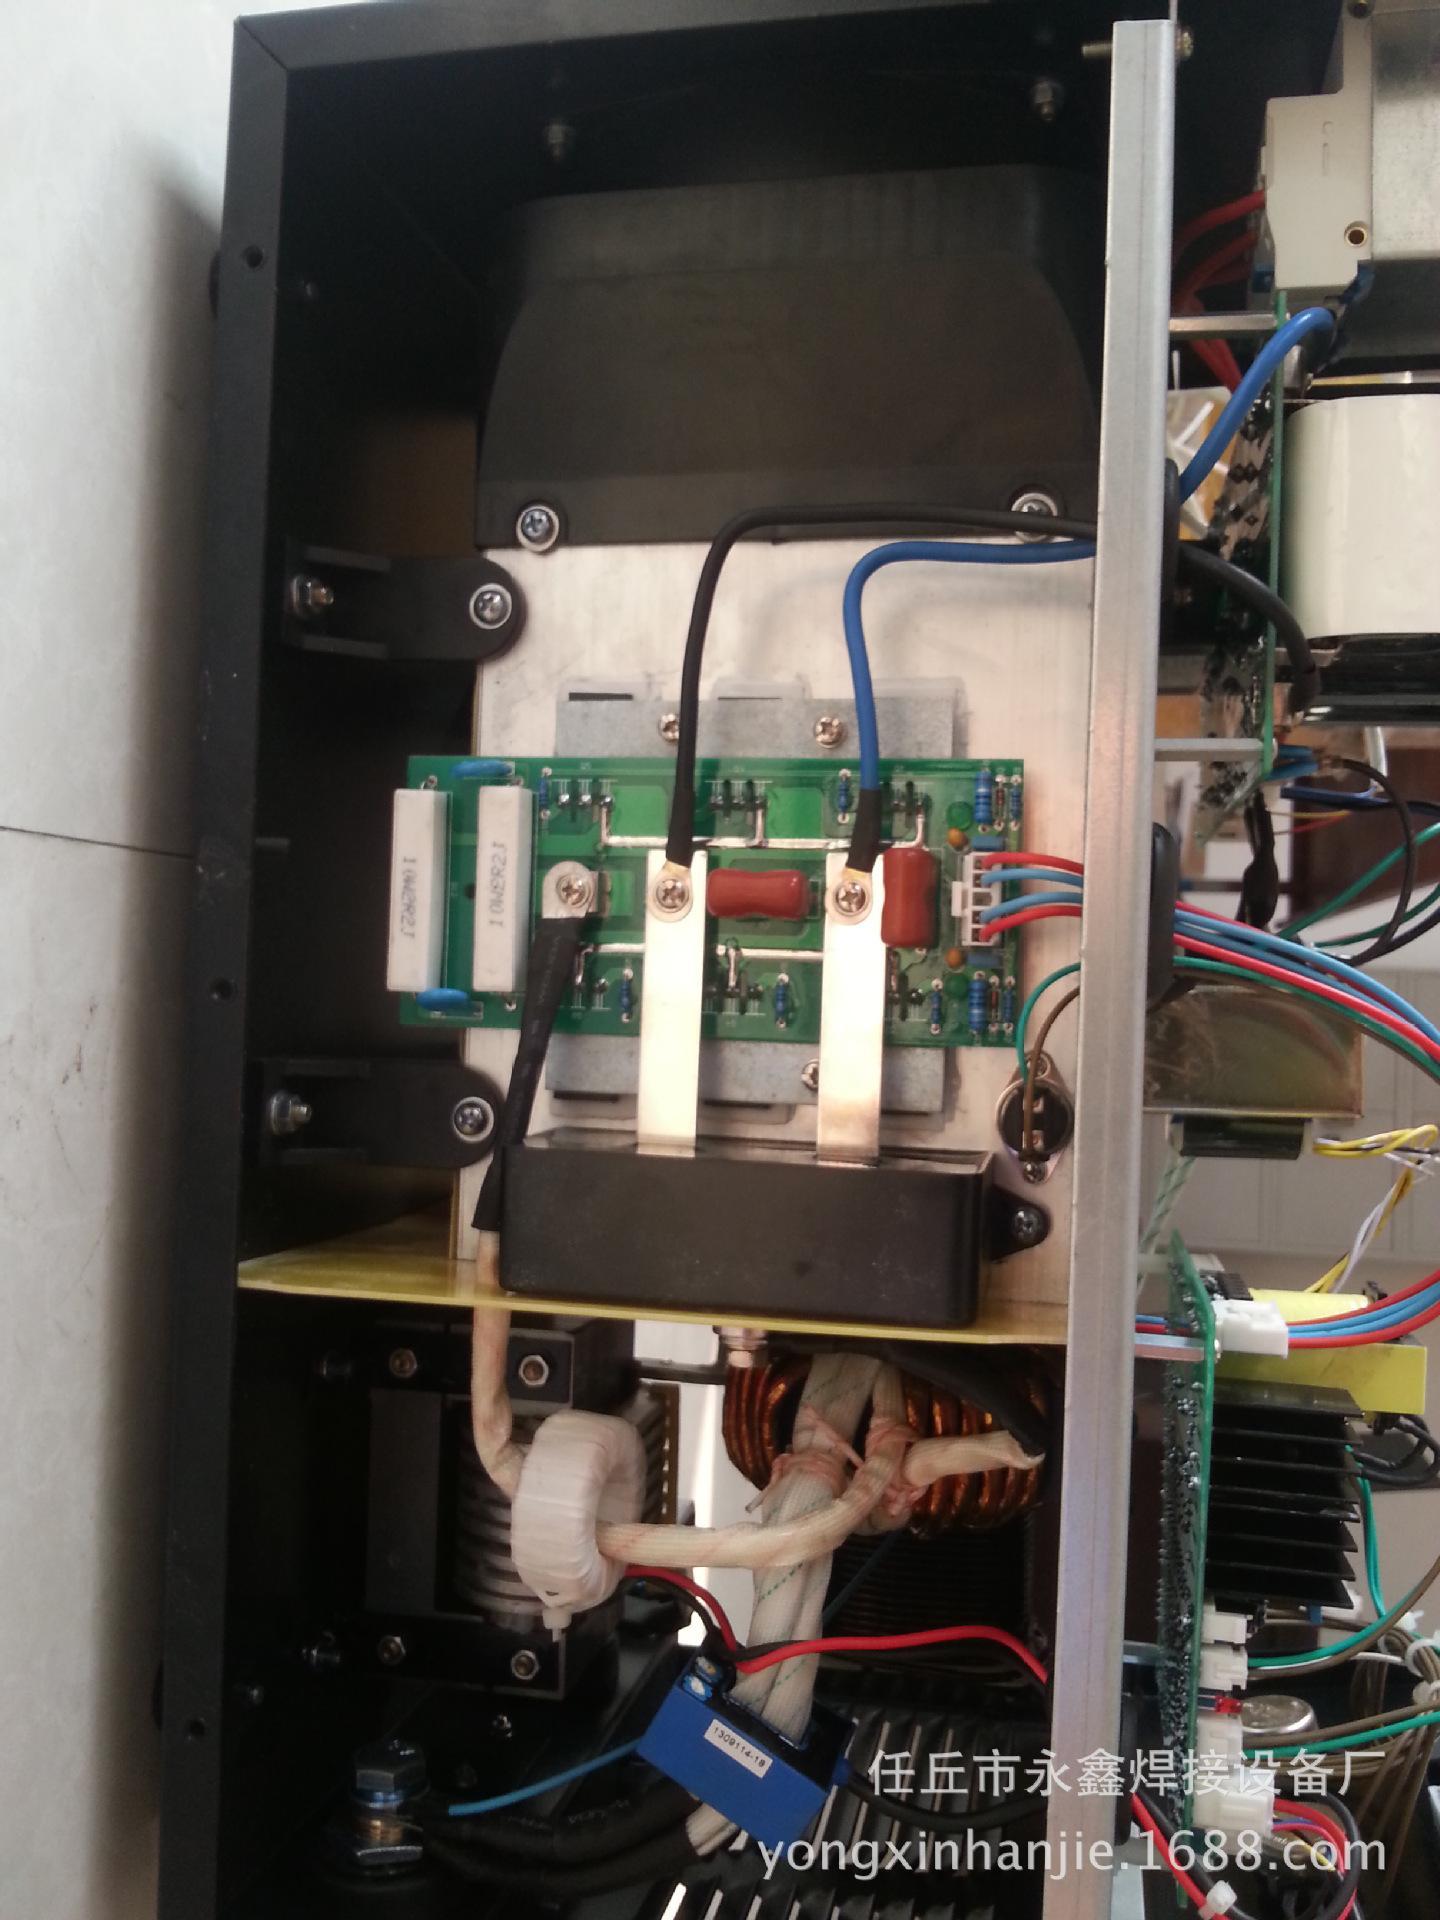 zx7-400直流电焊机 直流手工弧焊机